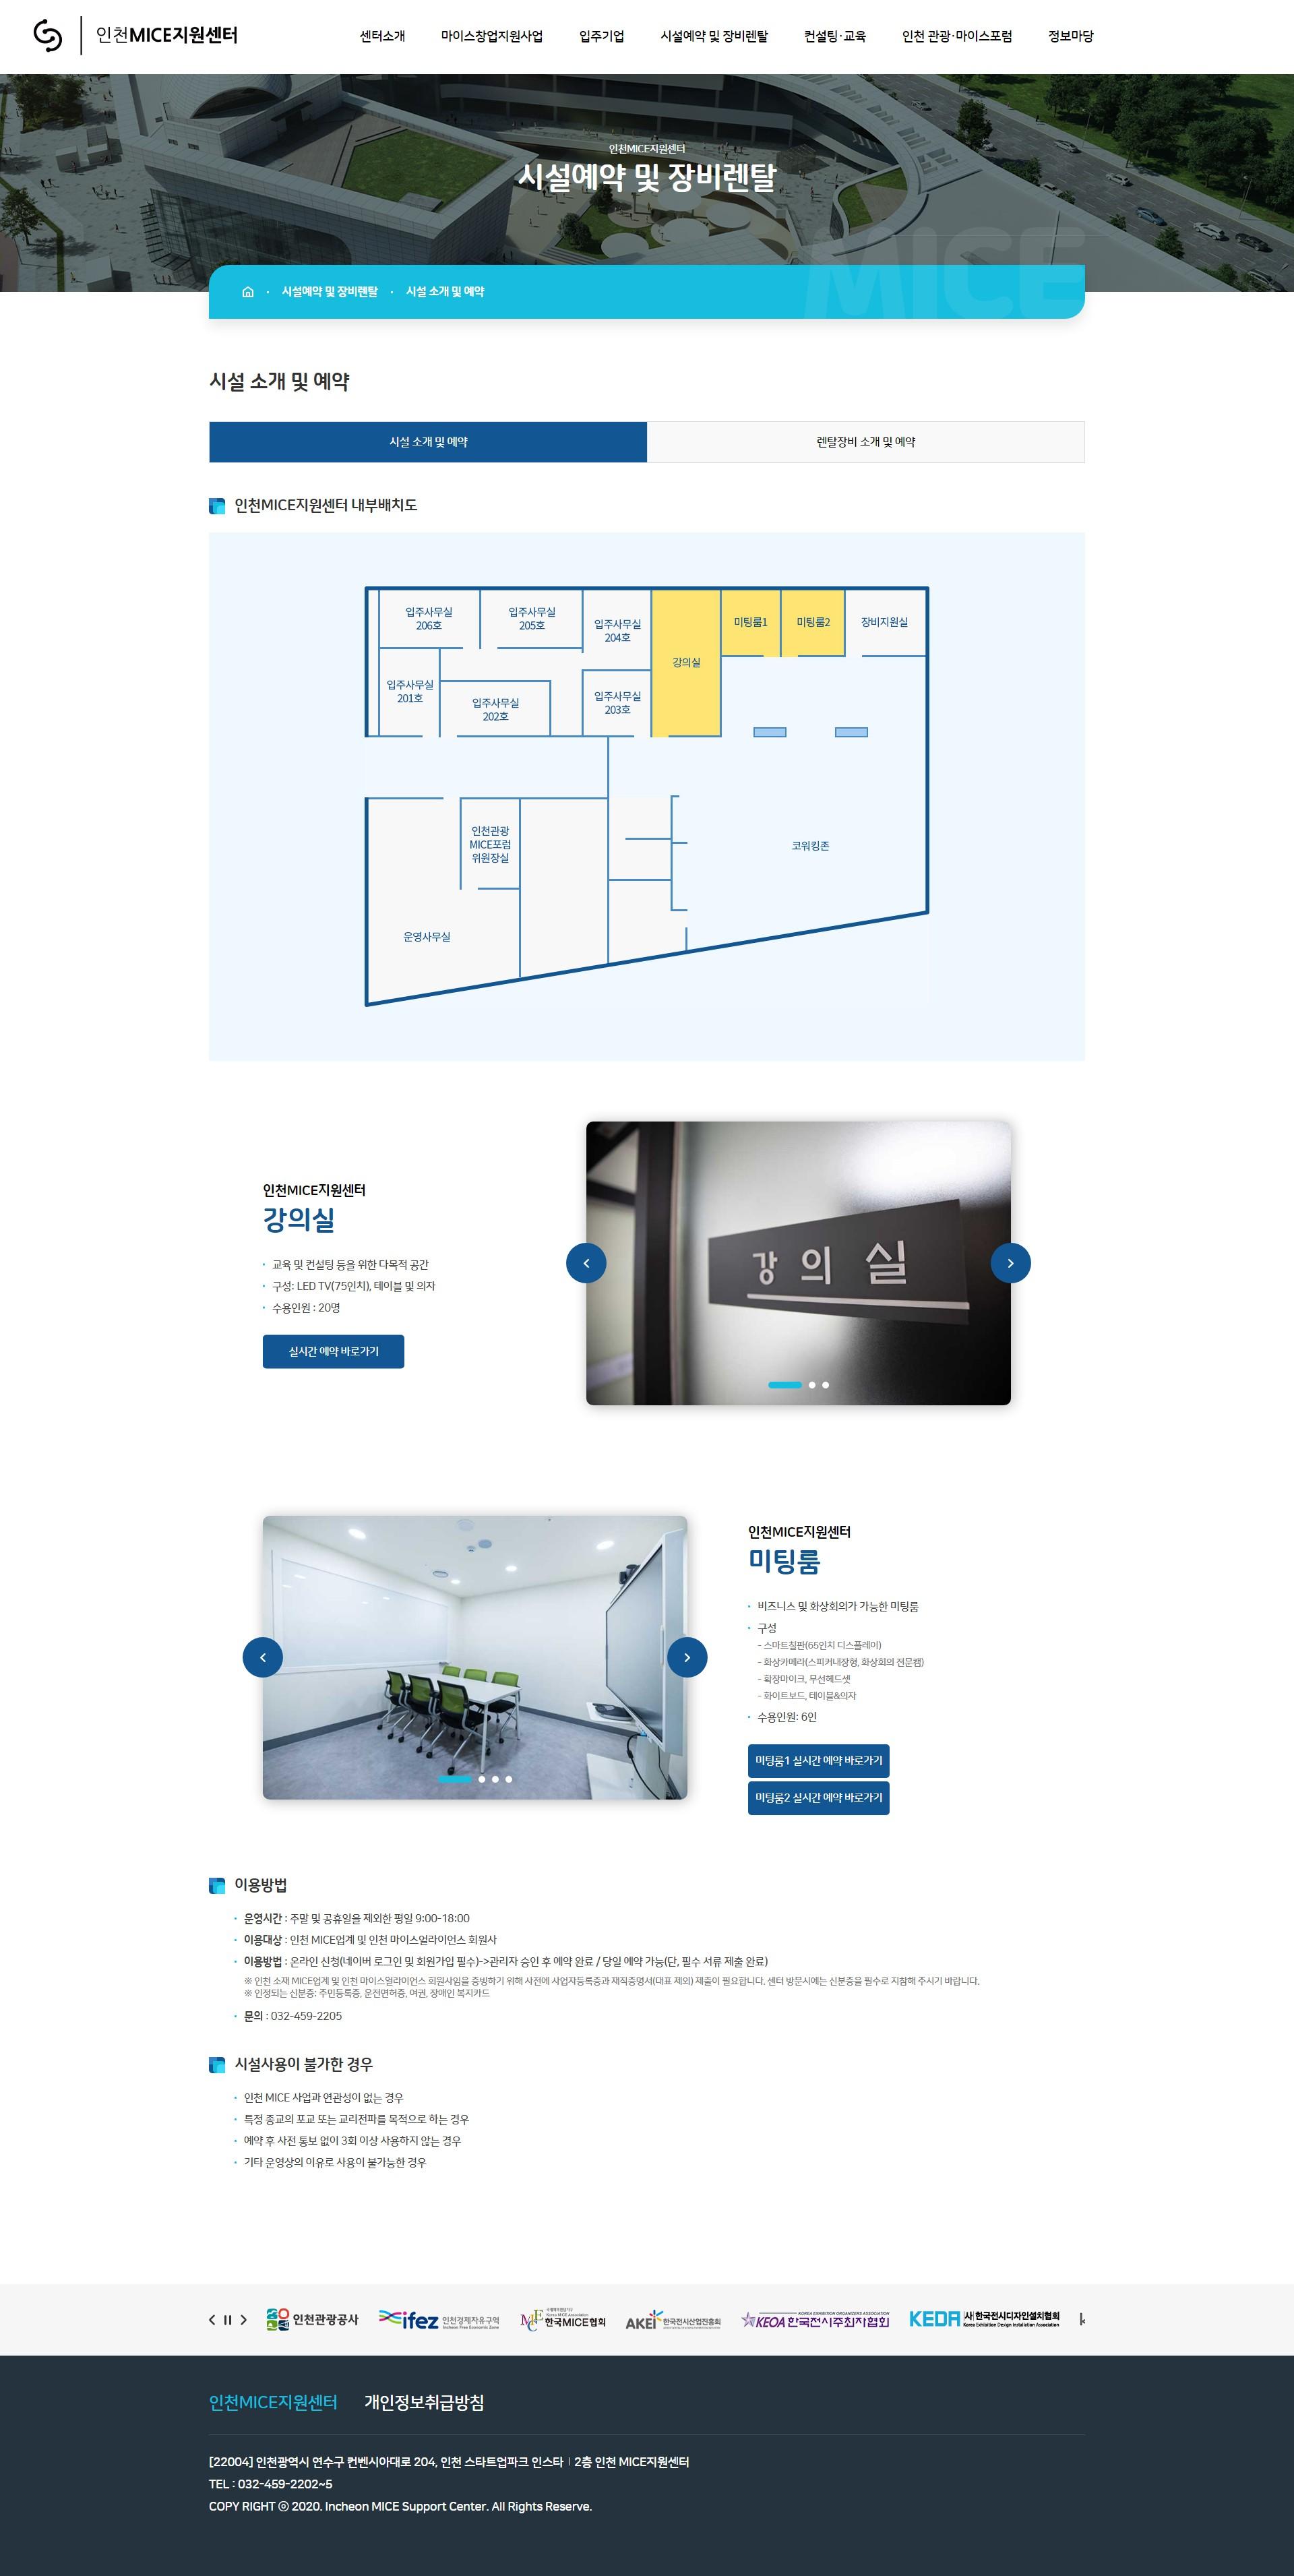 인천마이스지원센터 디자인 및 퍼블리싱